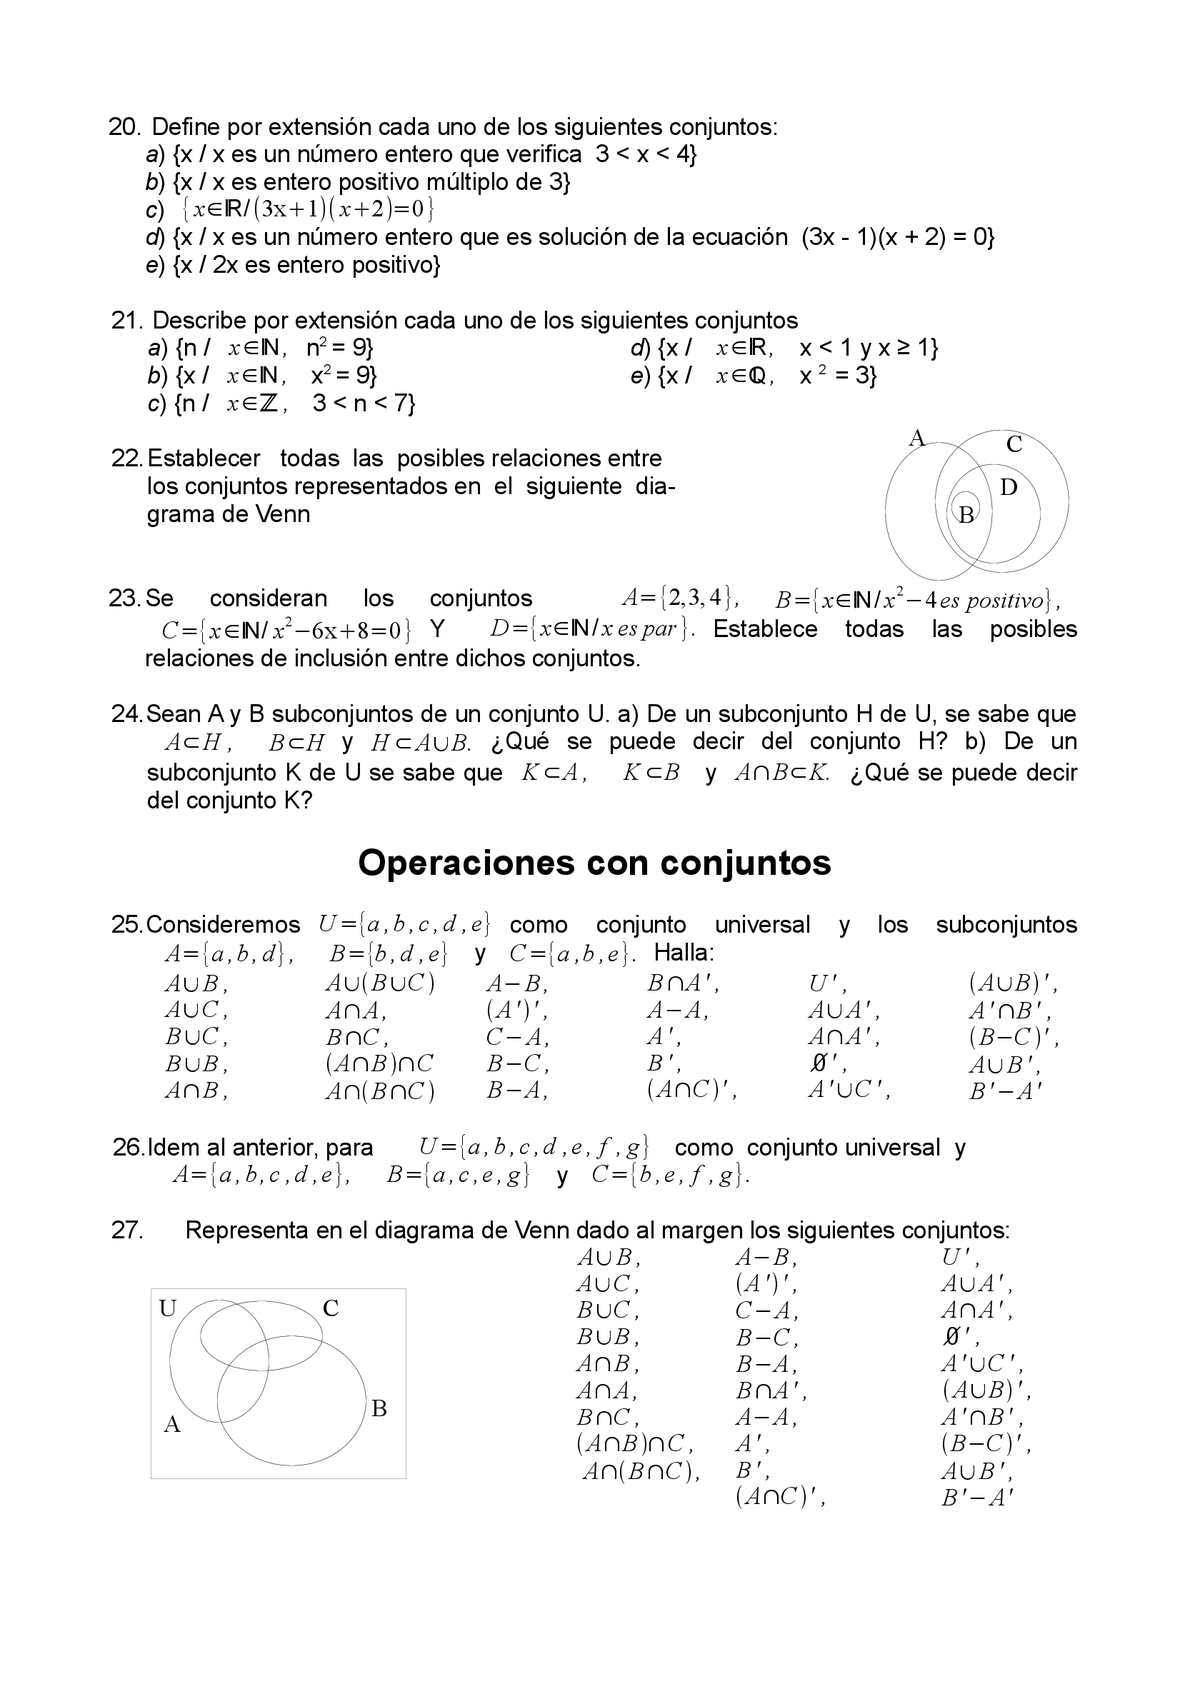 Ejercicios Practicos De Conjuntos Calameo Downloader